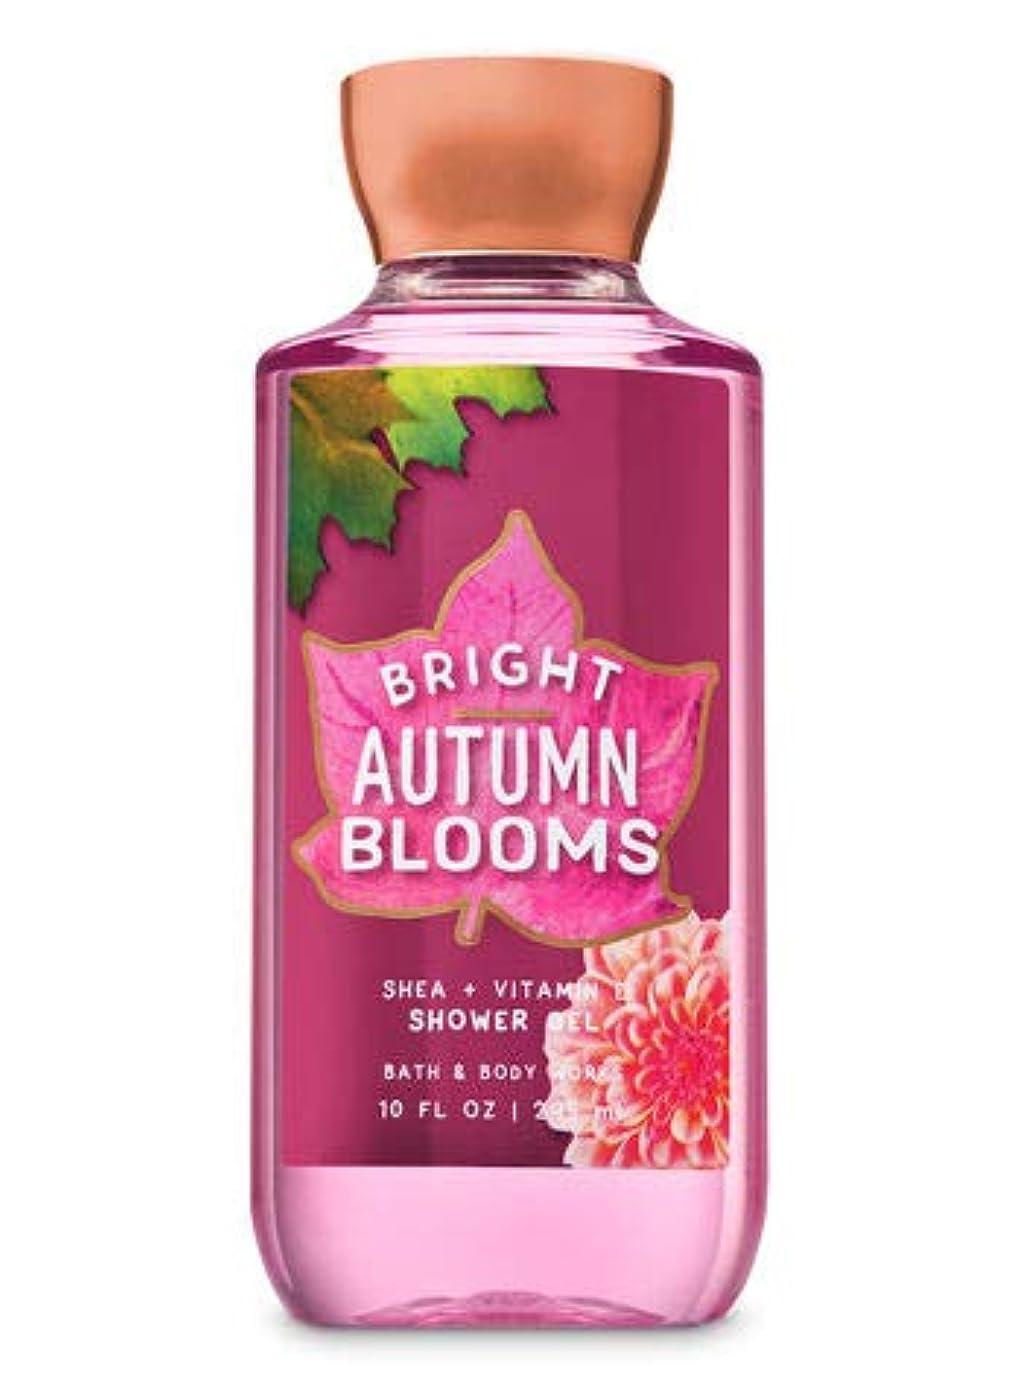 いらいらするフィールドエコー【Bath&Body Works/バス&ボディワークス】 シャワージェル ブライトオータムブルーム Shower Gel Bright Autumn Blooms 10 fl oz / 295 mL [並行輸入品]